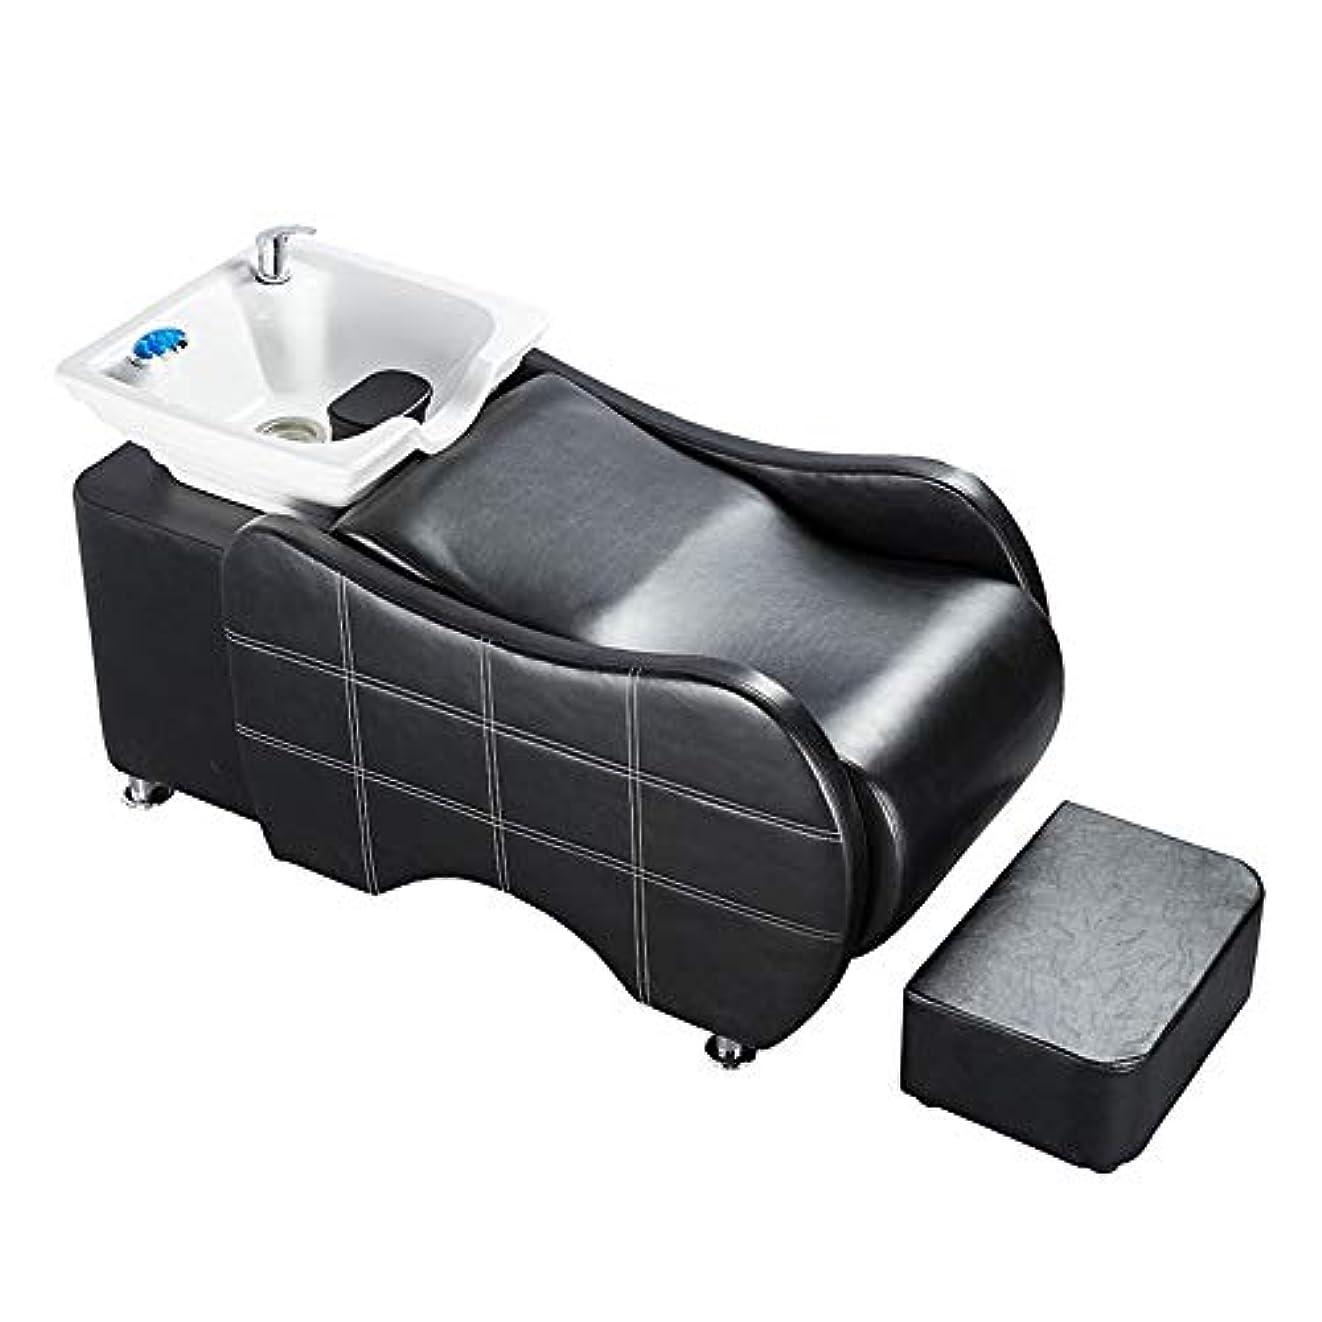 壮大カロリー分子シャンプーの理髪師の逆洗の椅子、鉱泉の美容院のための陶磁器の洗面器の逆洗の単位のシャンプーボールの流しの椅子(黒)